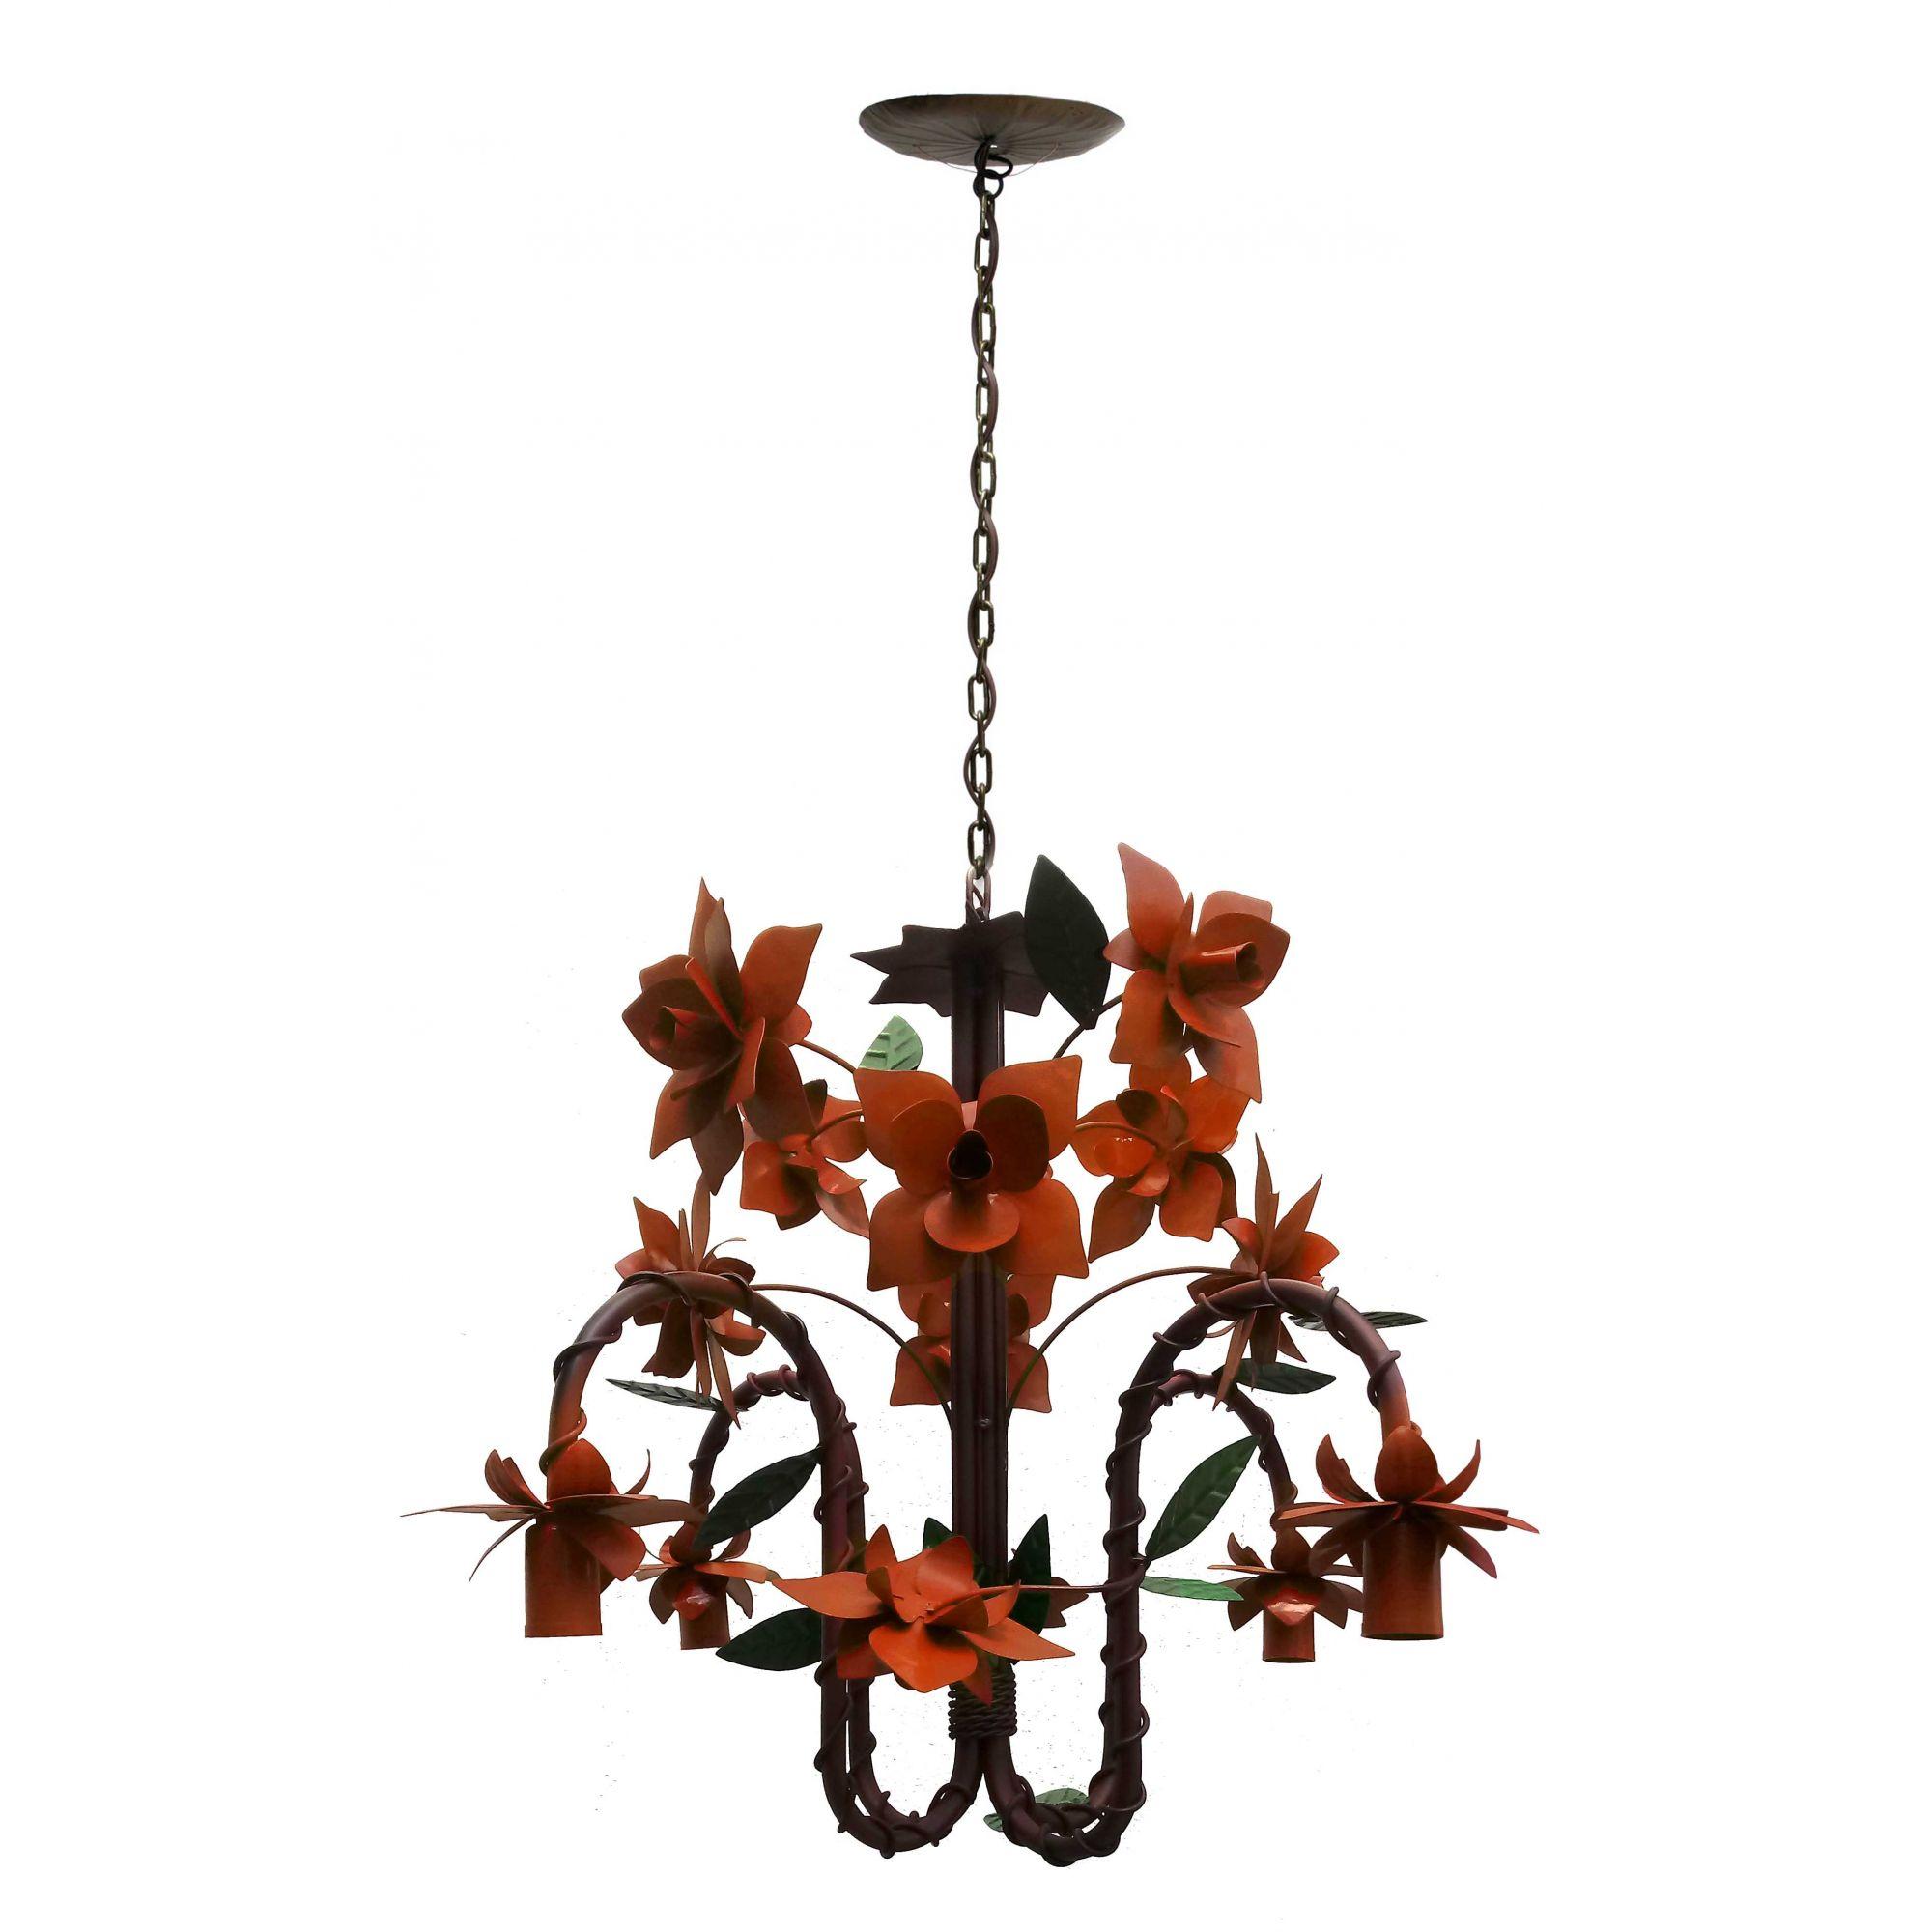 Pendente Decorativo Moderno com Flores para Iluminação de Varanda Bocal pra Baixo